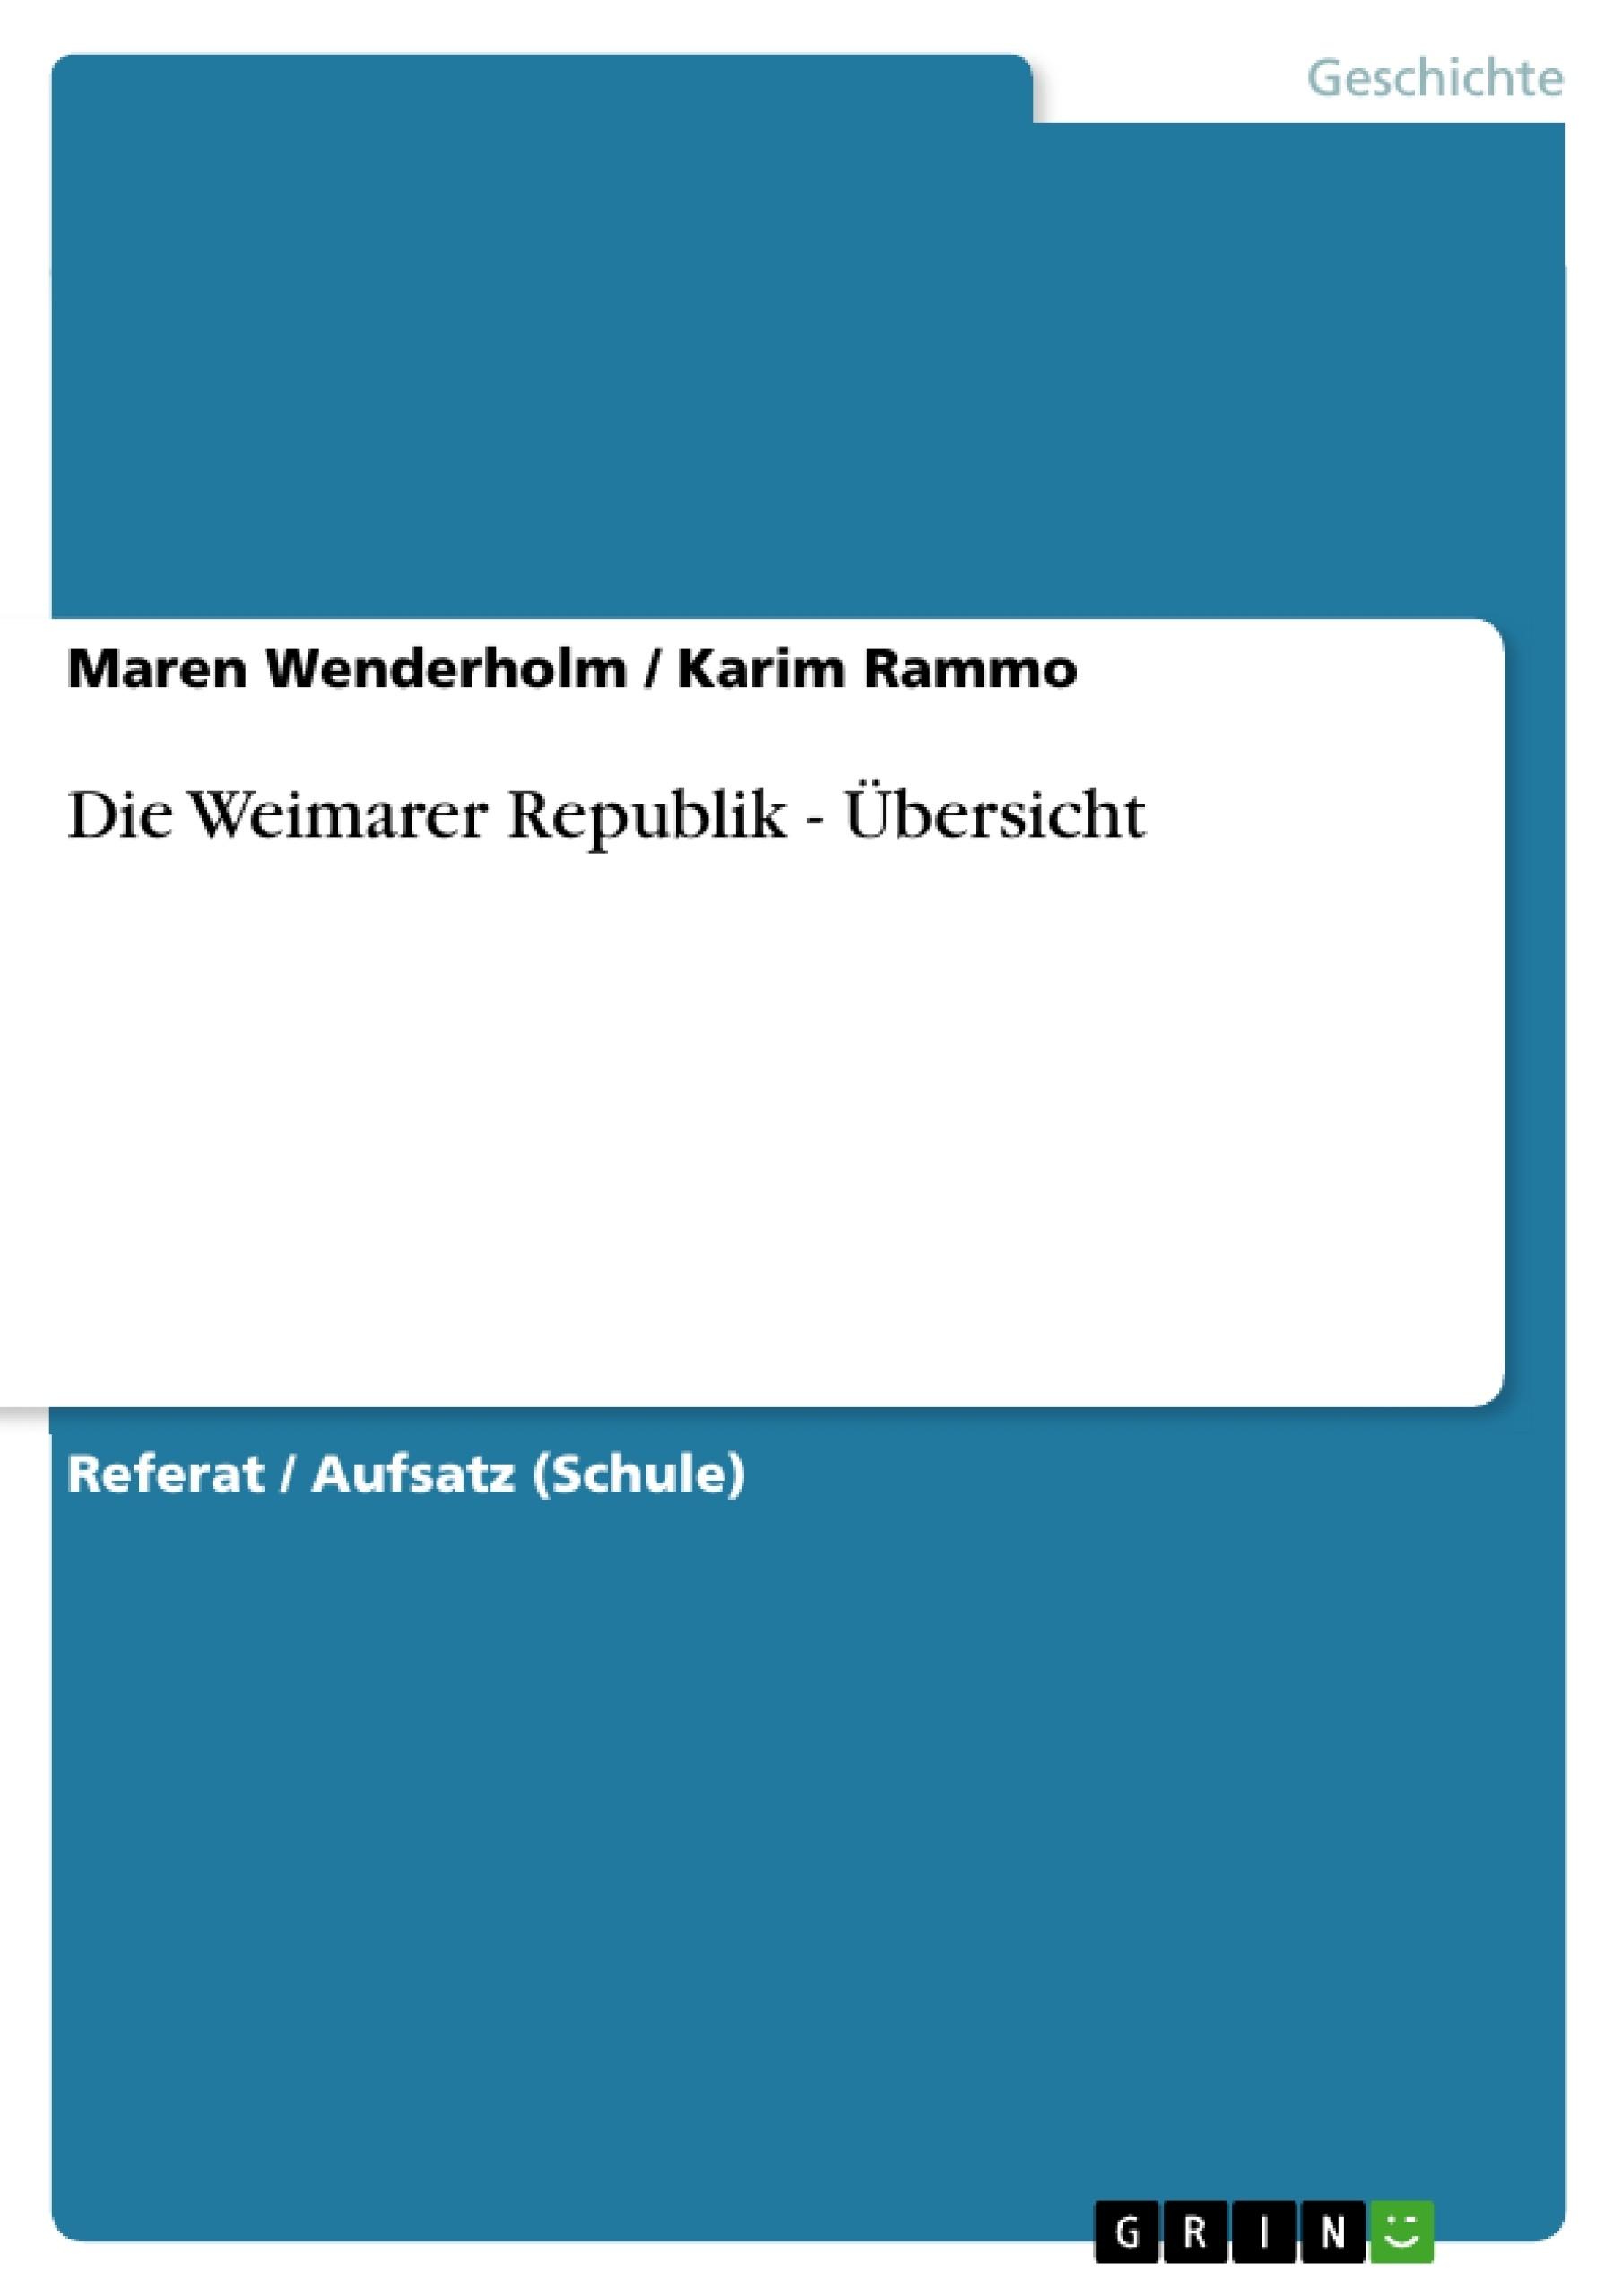 Titel: Die Weimarer Republik - Übersicht